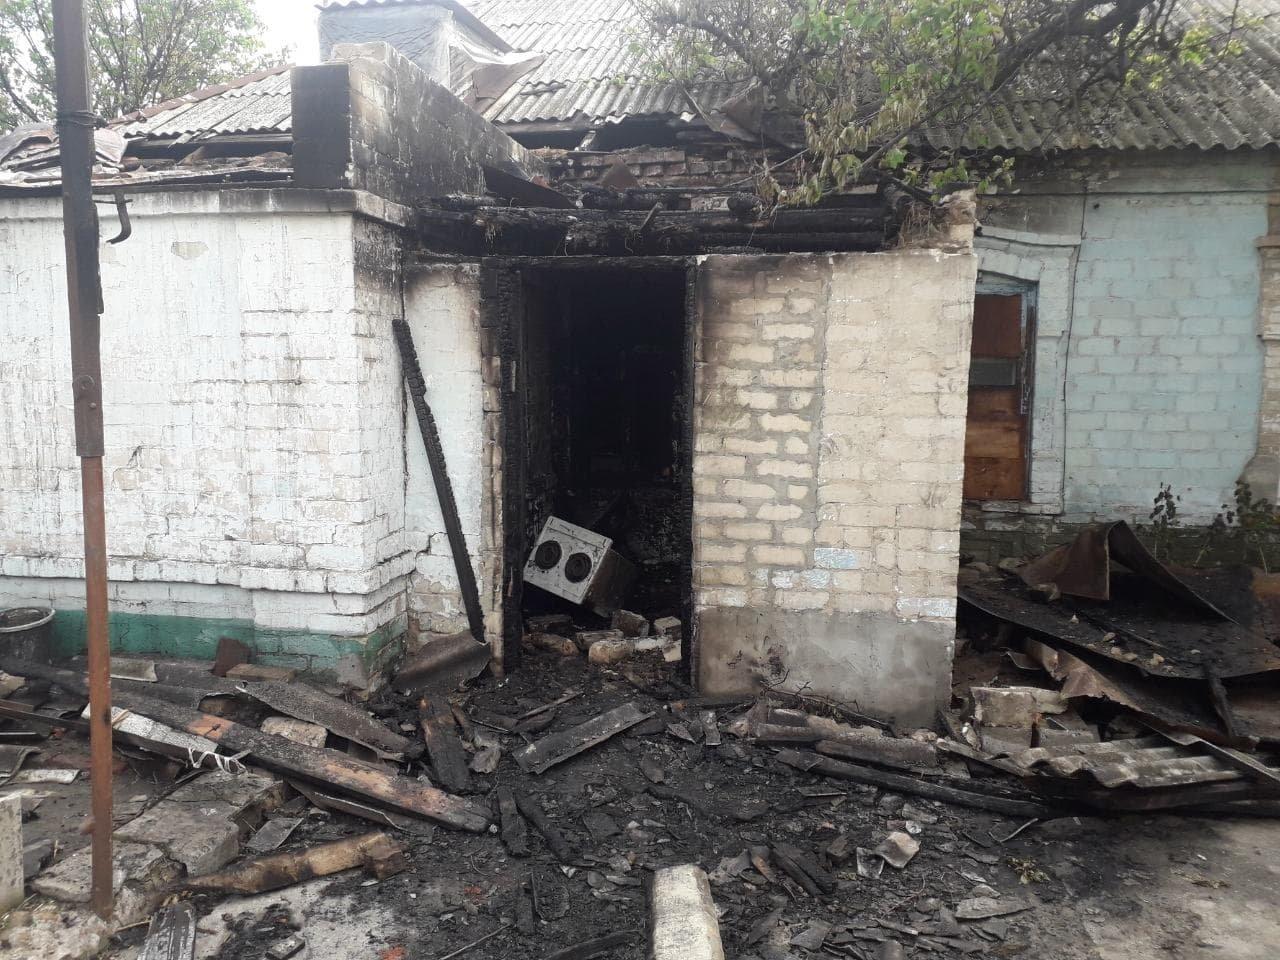 В Мелитополе на пожаре погибла женщина: возгорание произошло из-за короткого замыкания, фото-2